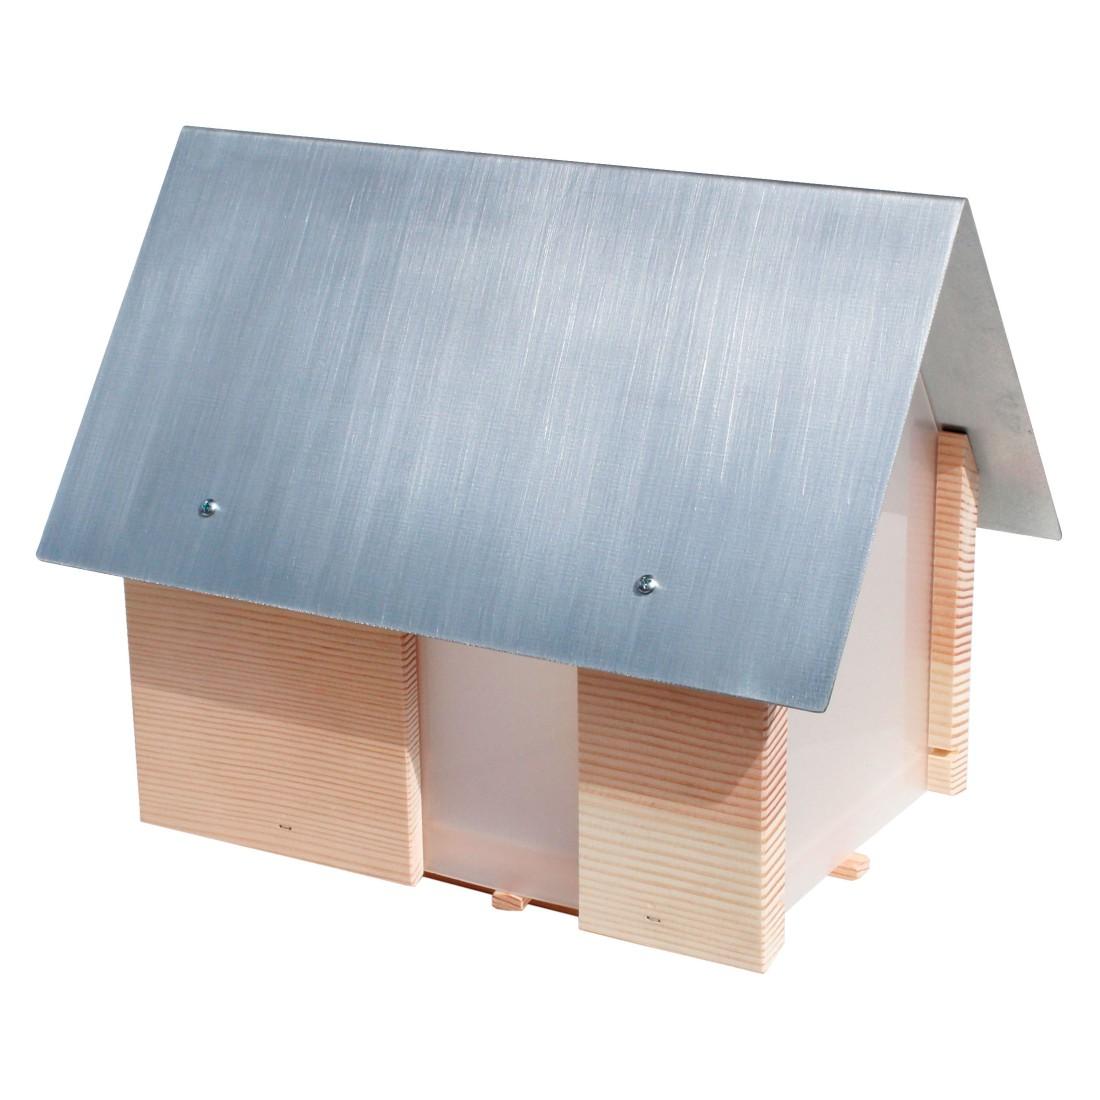 windlicht lichthaus mit stab holz natur designimdorf online bestellen. Black Bedroom Furniture Sets. Home Design Ideas